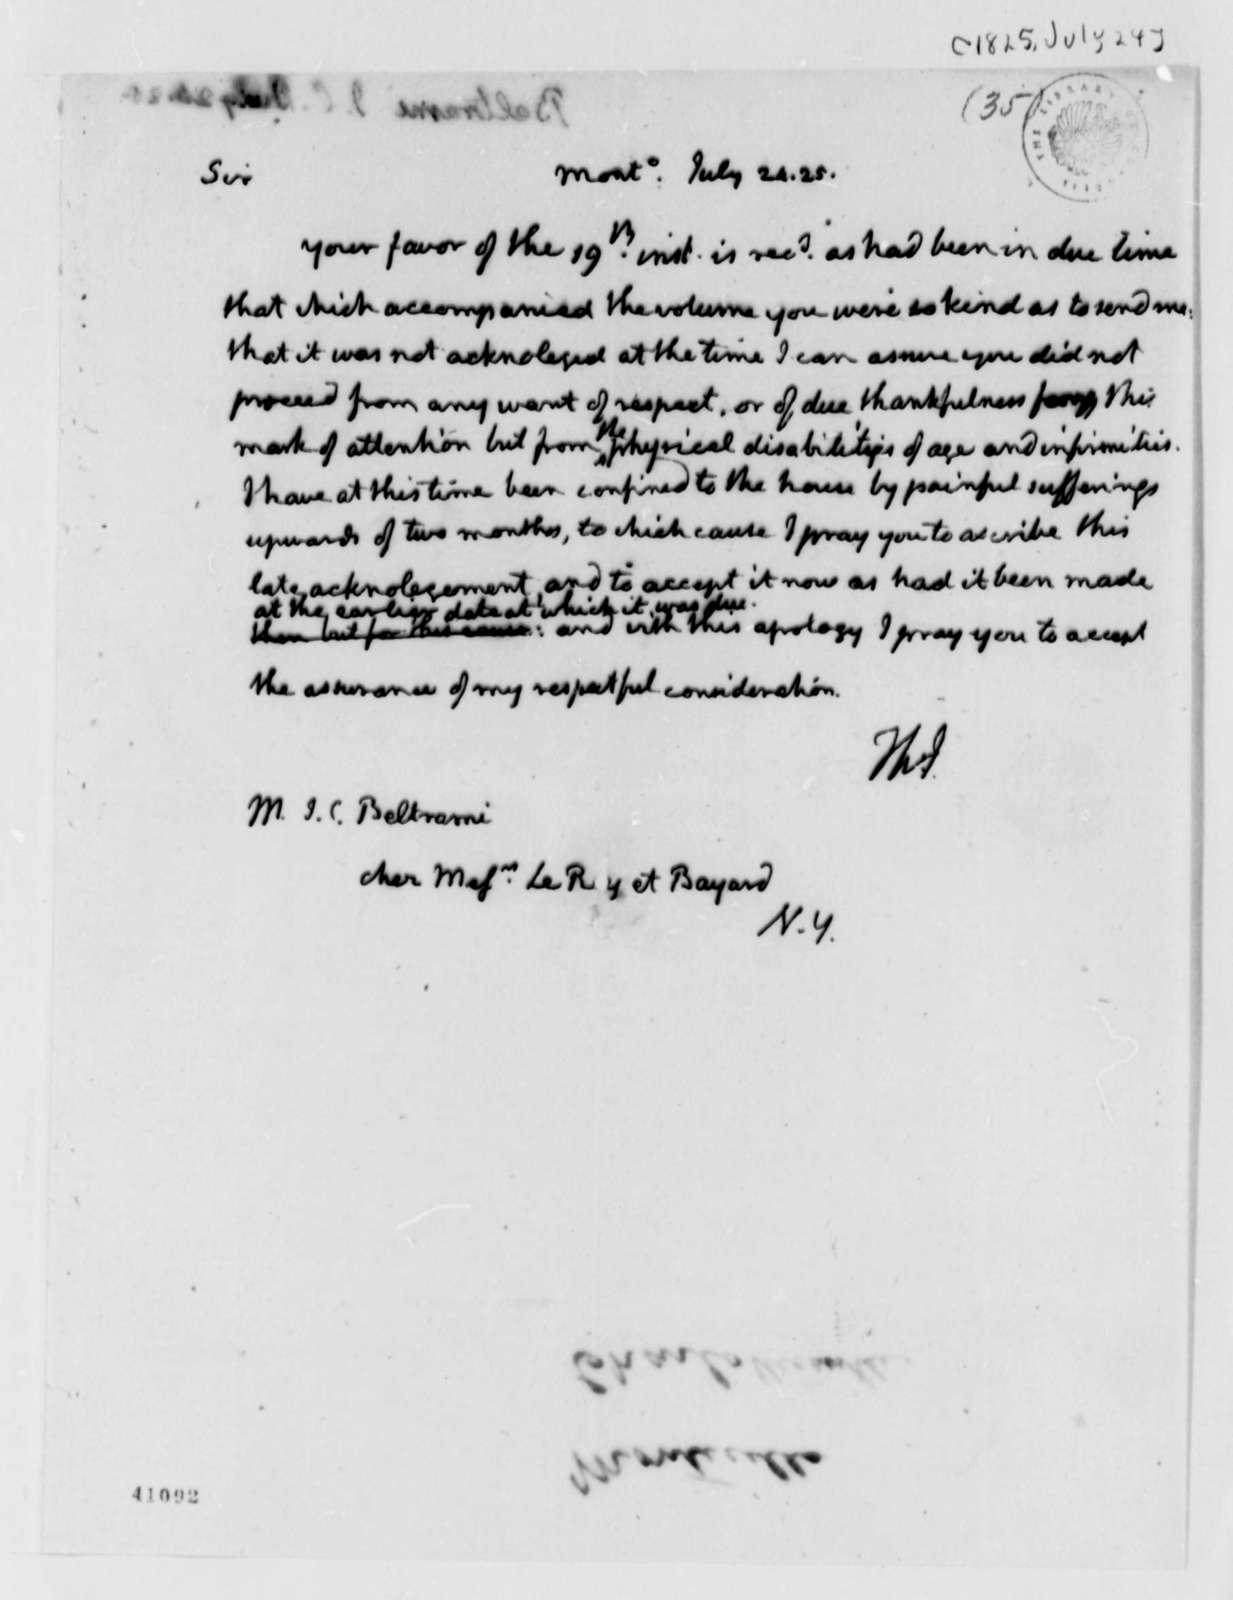 Thomas Jefferson to J. C. Beltrami, July 24, 1825